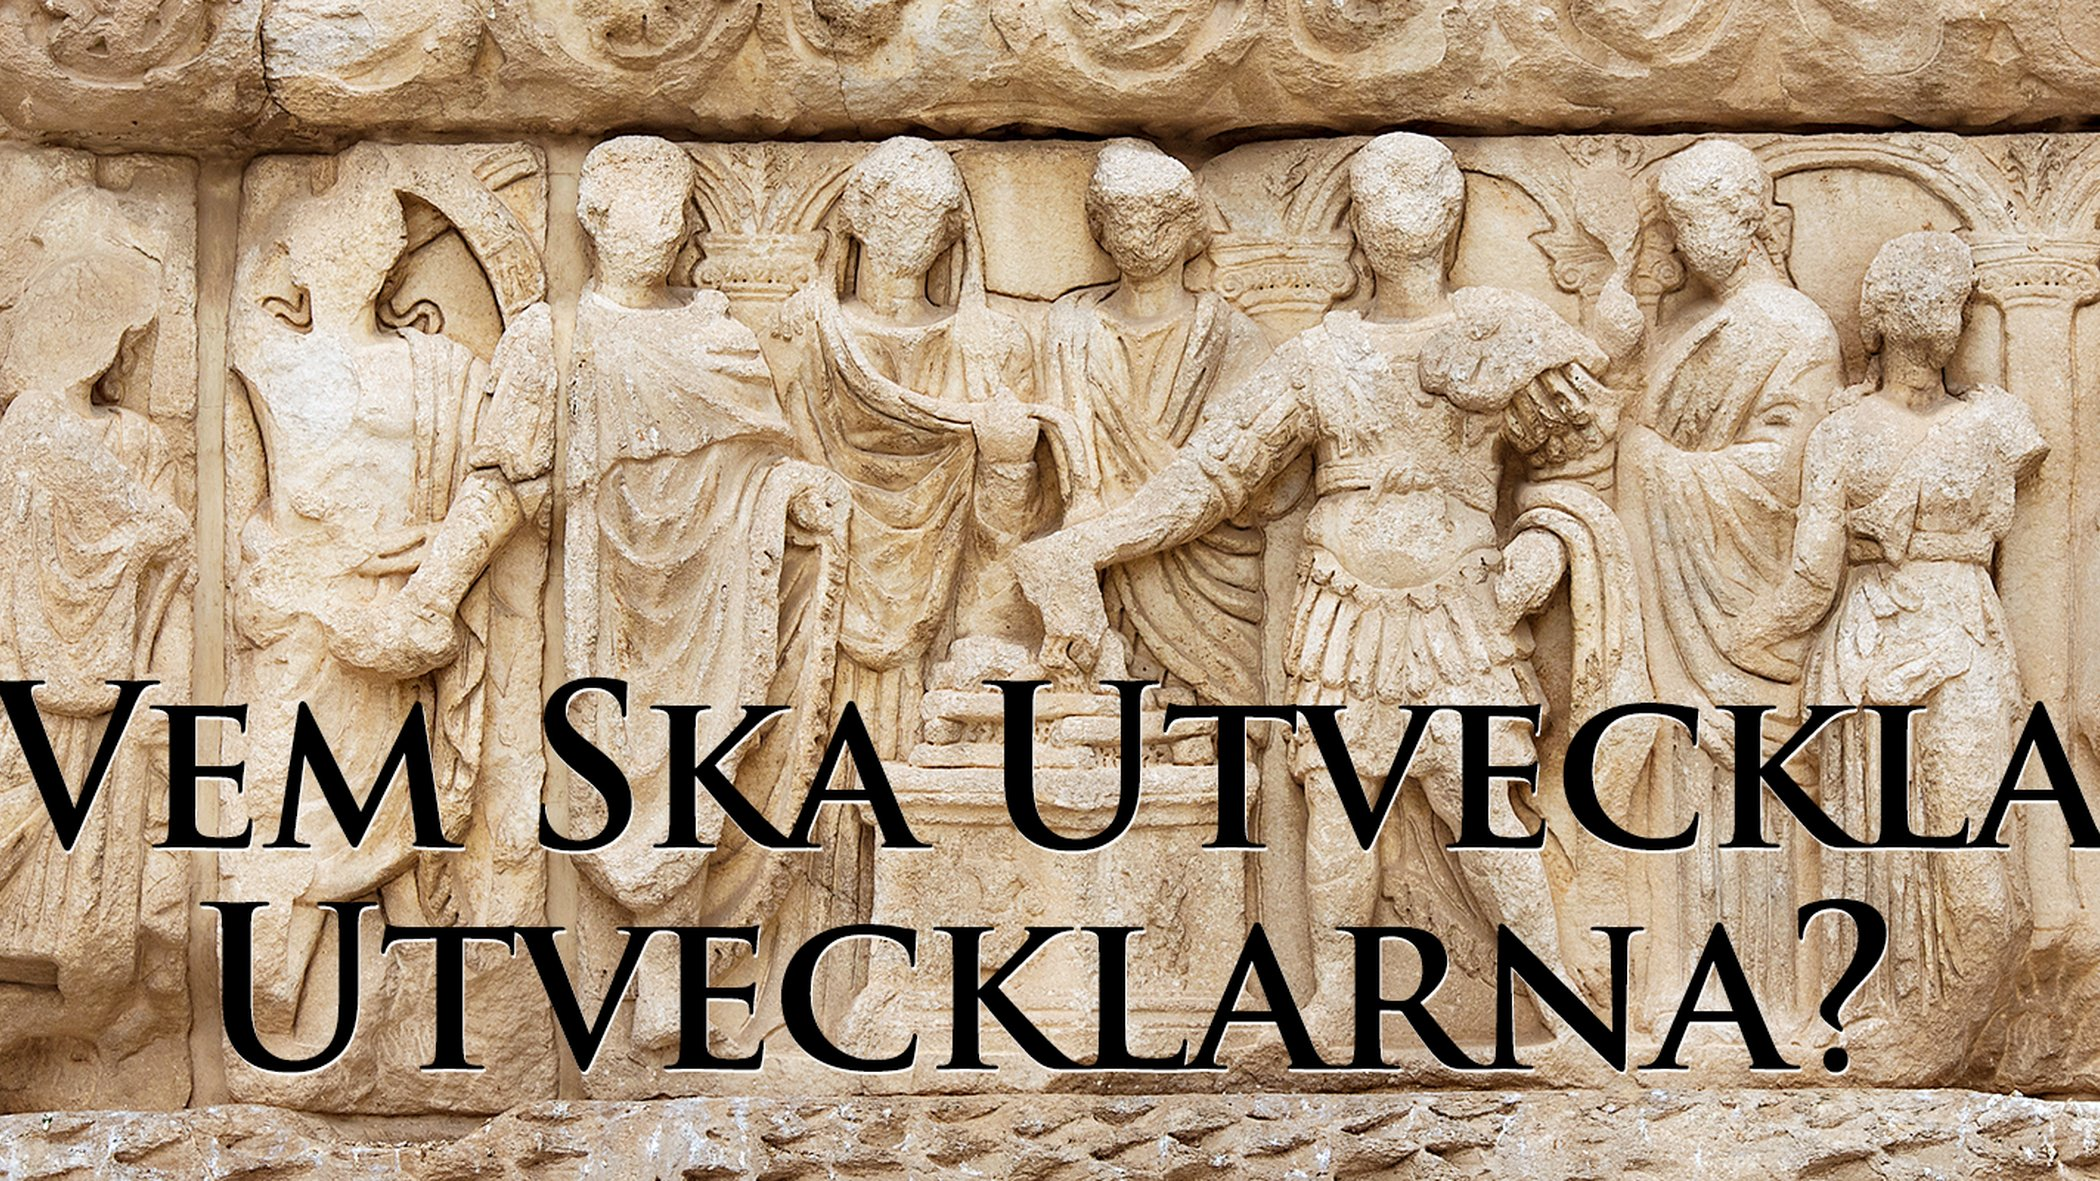 Figurer huggna i sten på romersk triumfbåge